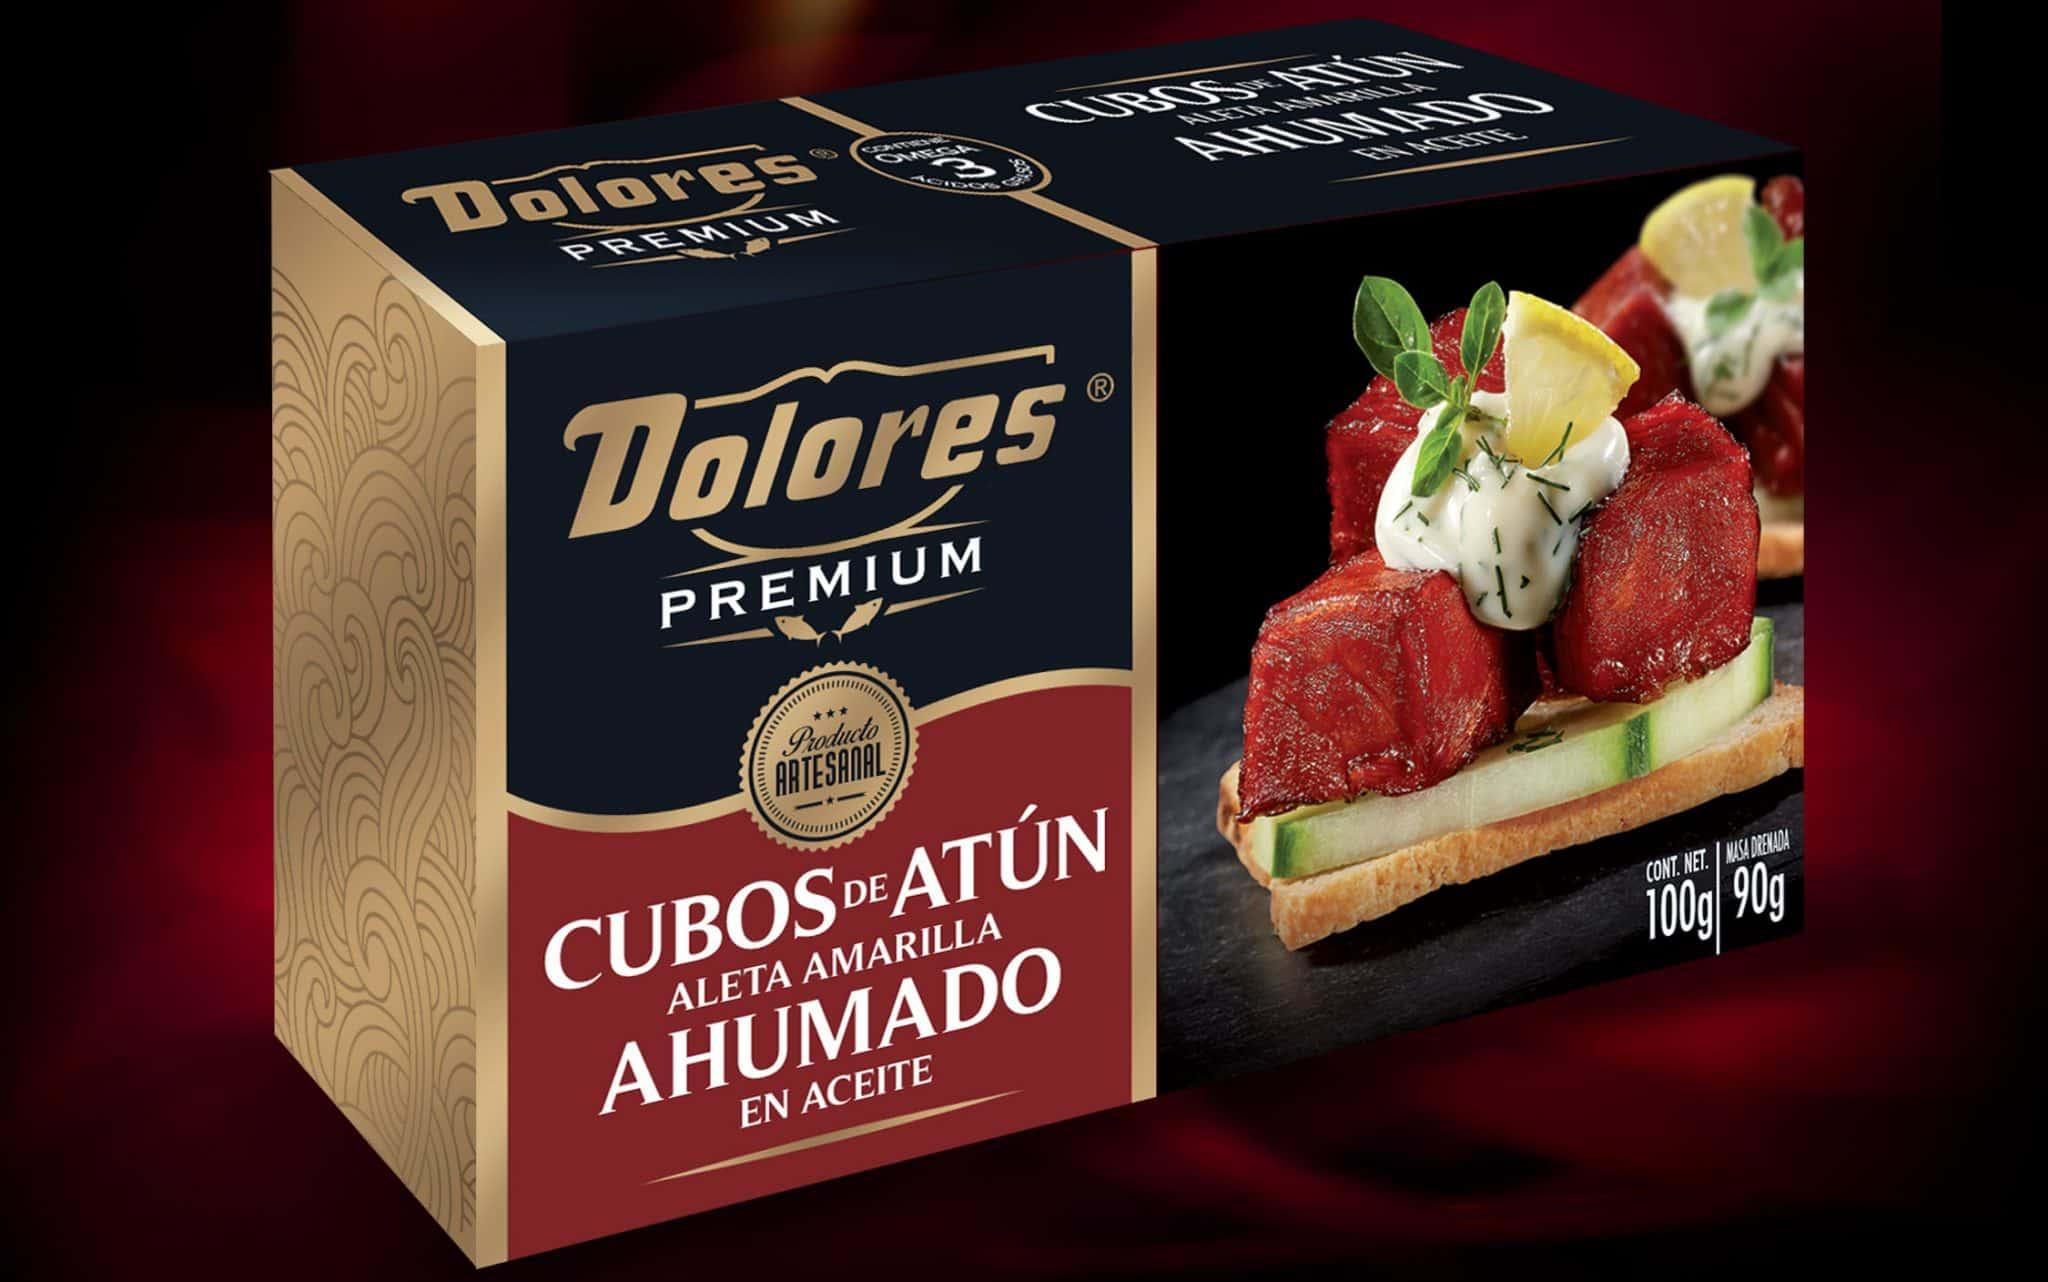 Atun Dolores Premium Ruta Dolores